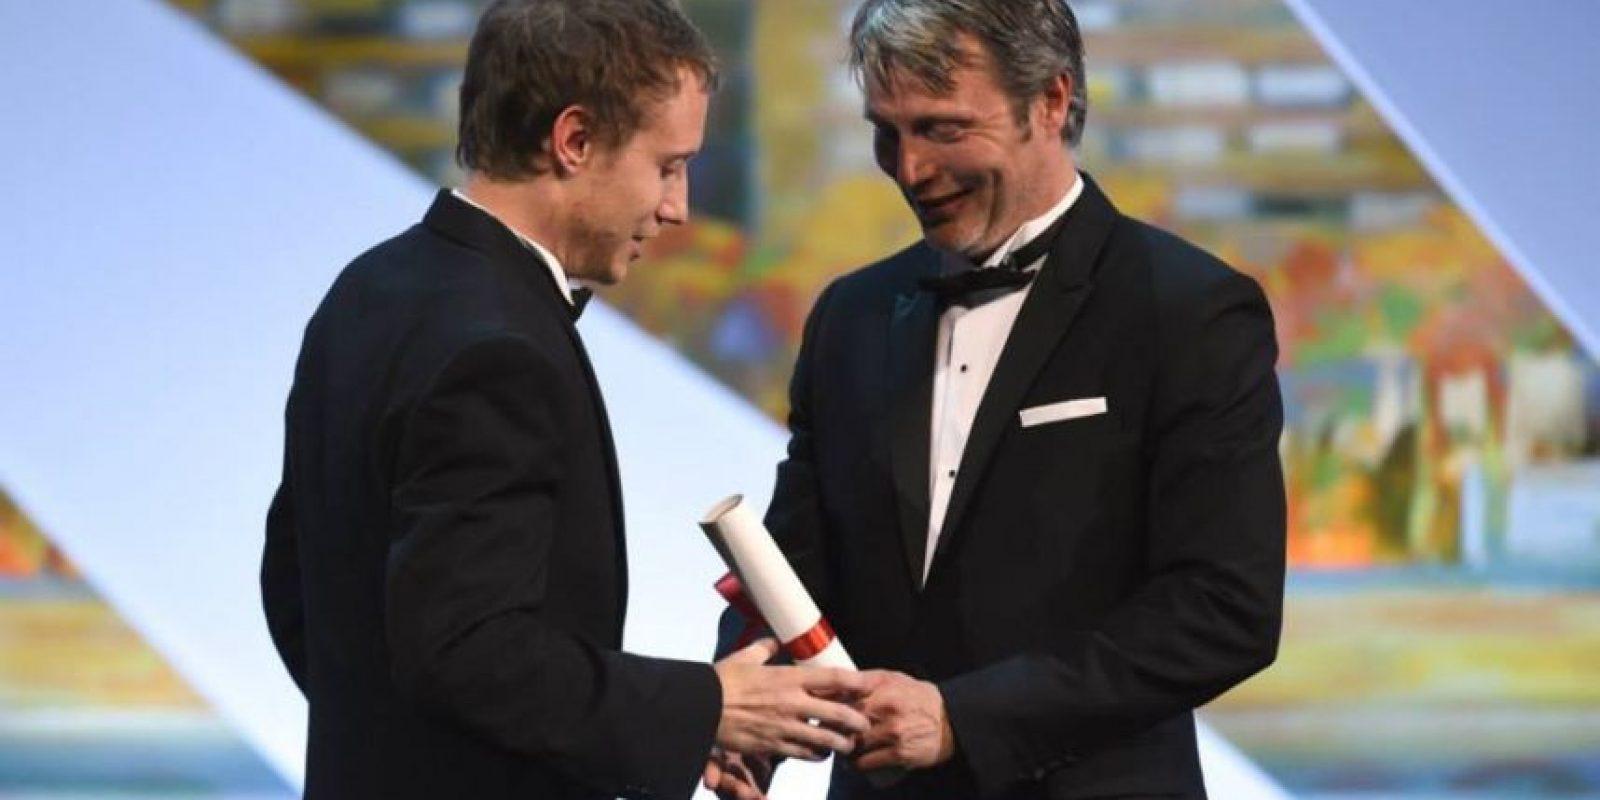 """El director húngaro László Nemes ganó el Premio del jurado por """"Saul fia"""" (""""Son of Saul"""") Foto:vía facebook.com/Festival-de-Cannes-Page-Officielle"""